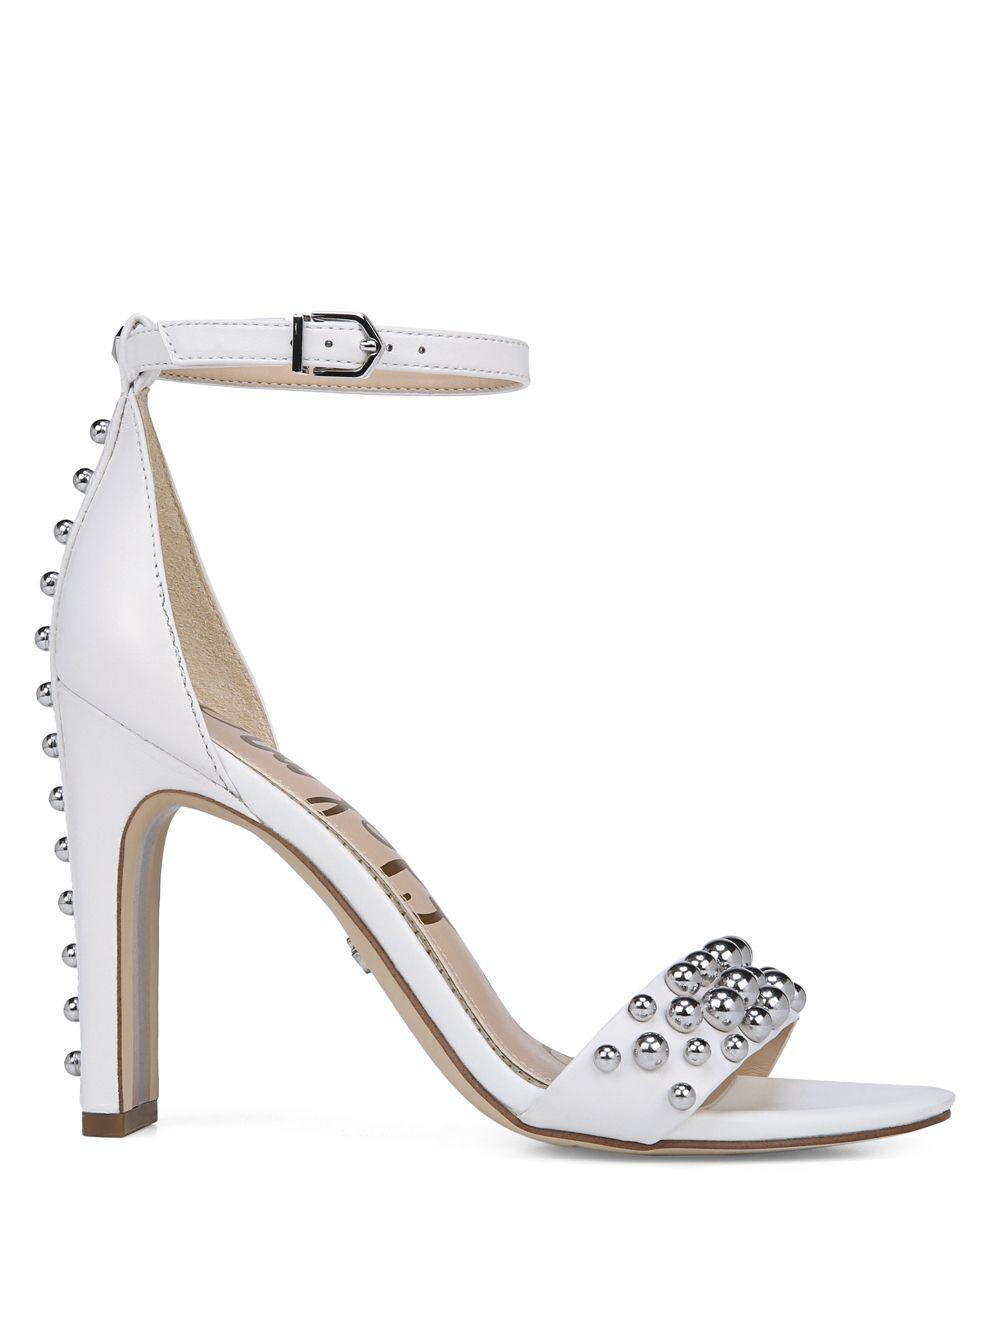 a313f21feedf Sam Edelman - White Yoshi Studded Leather Heels - Lyst. View fullscreen